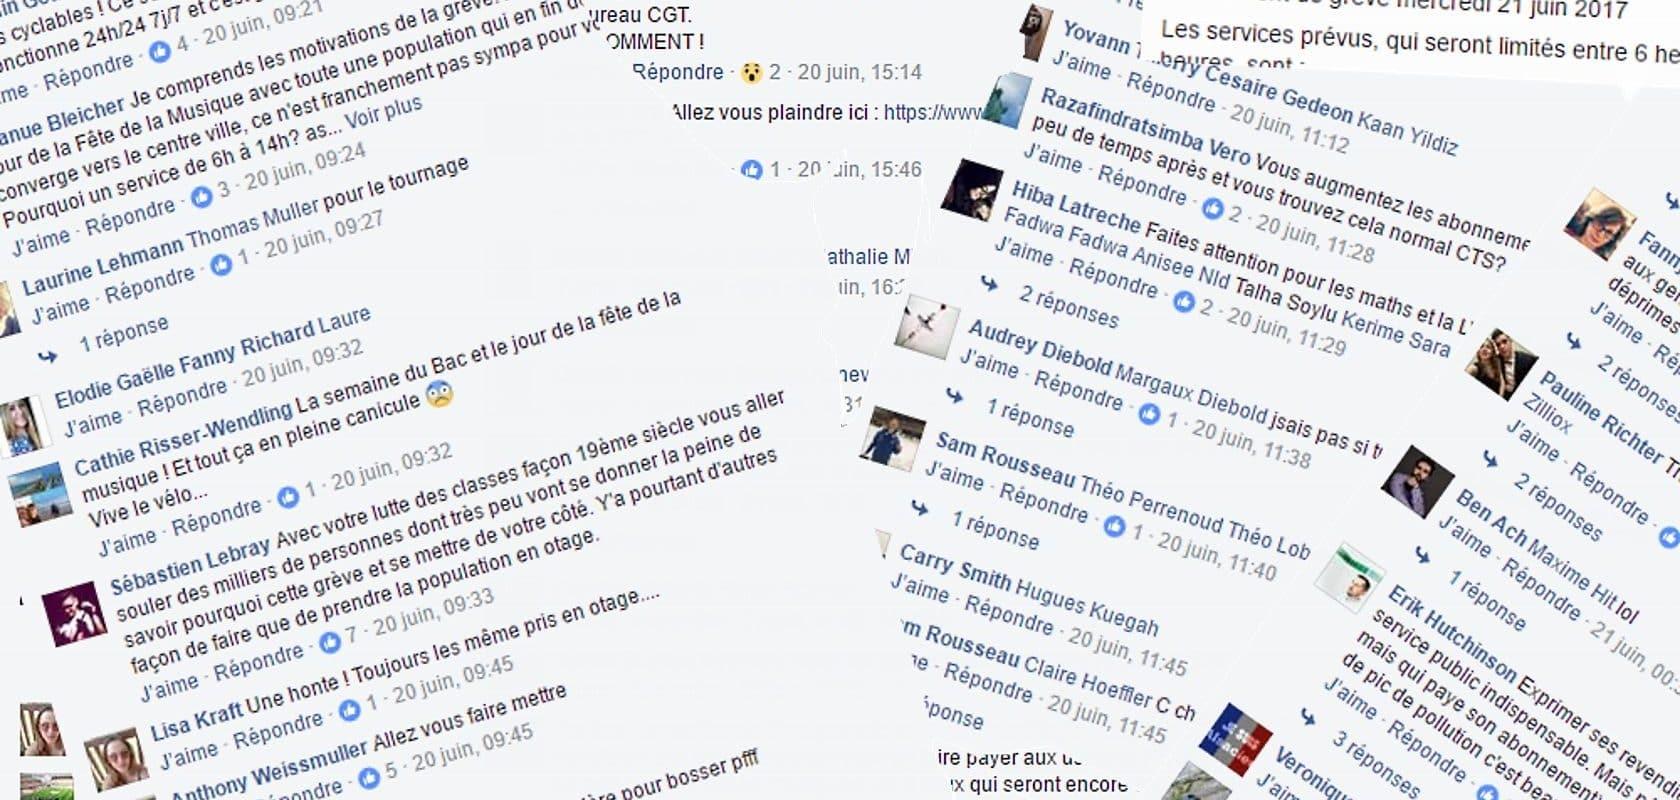 Insultée sur Facebook, la CTS demande des excuses publiques et 95€ aux auteurs